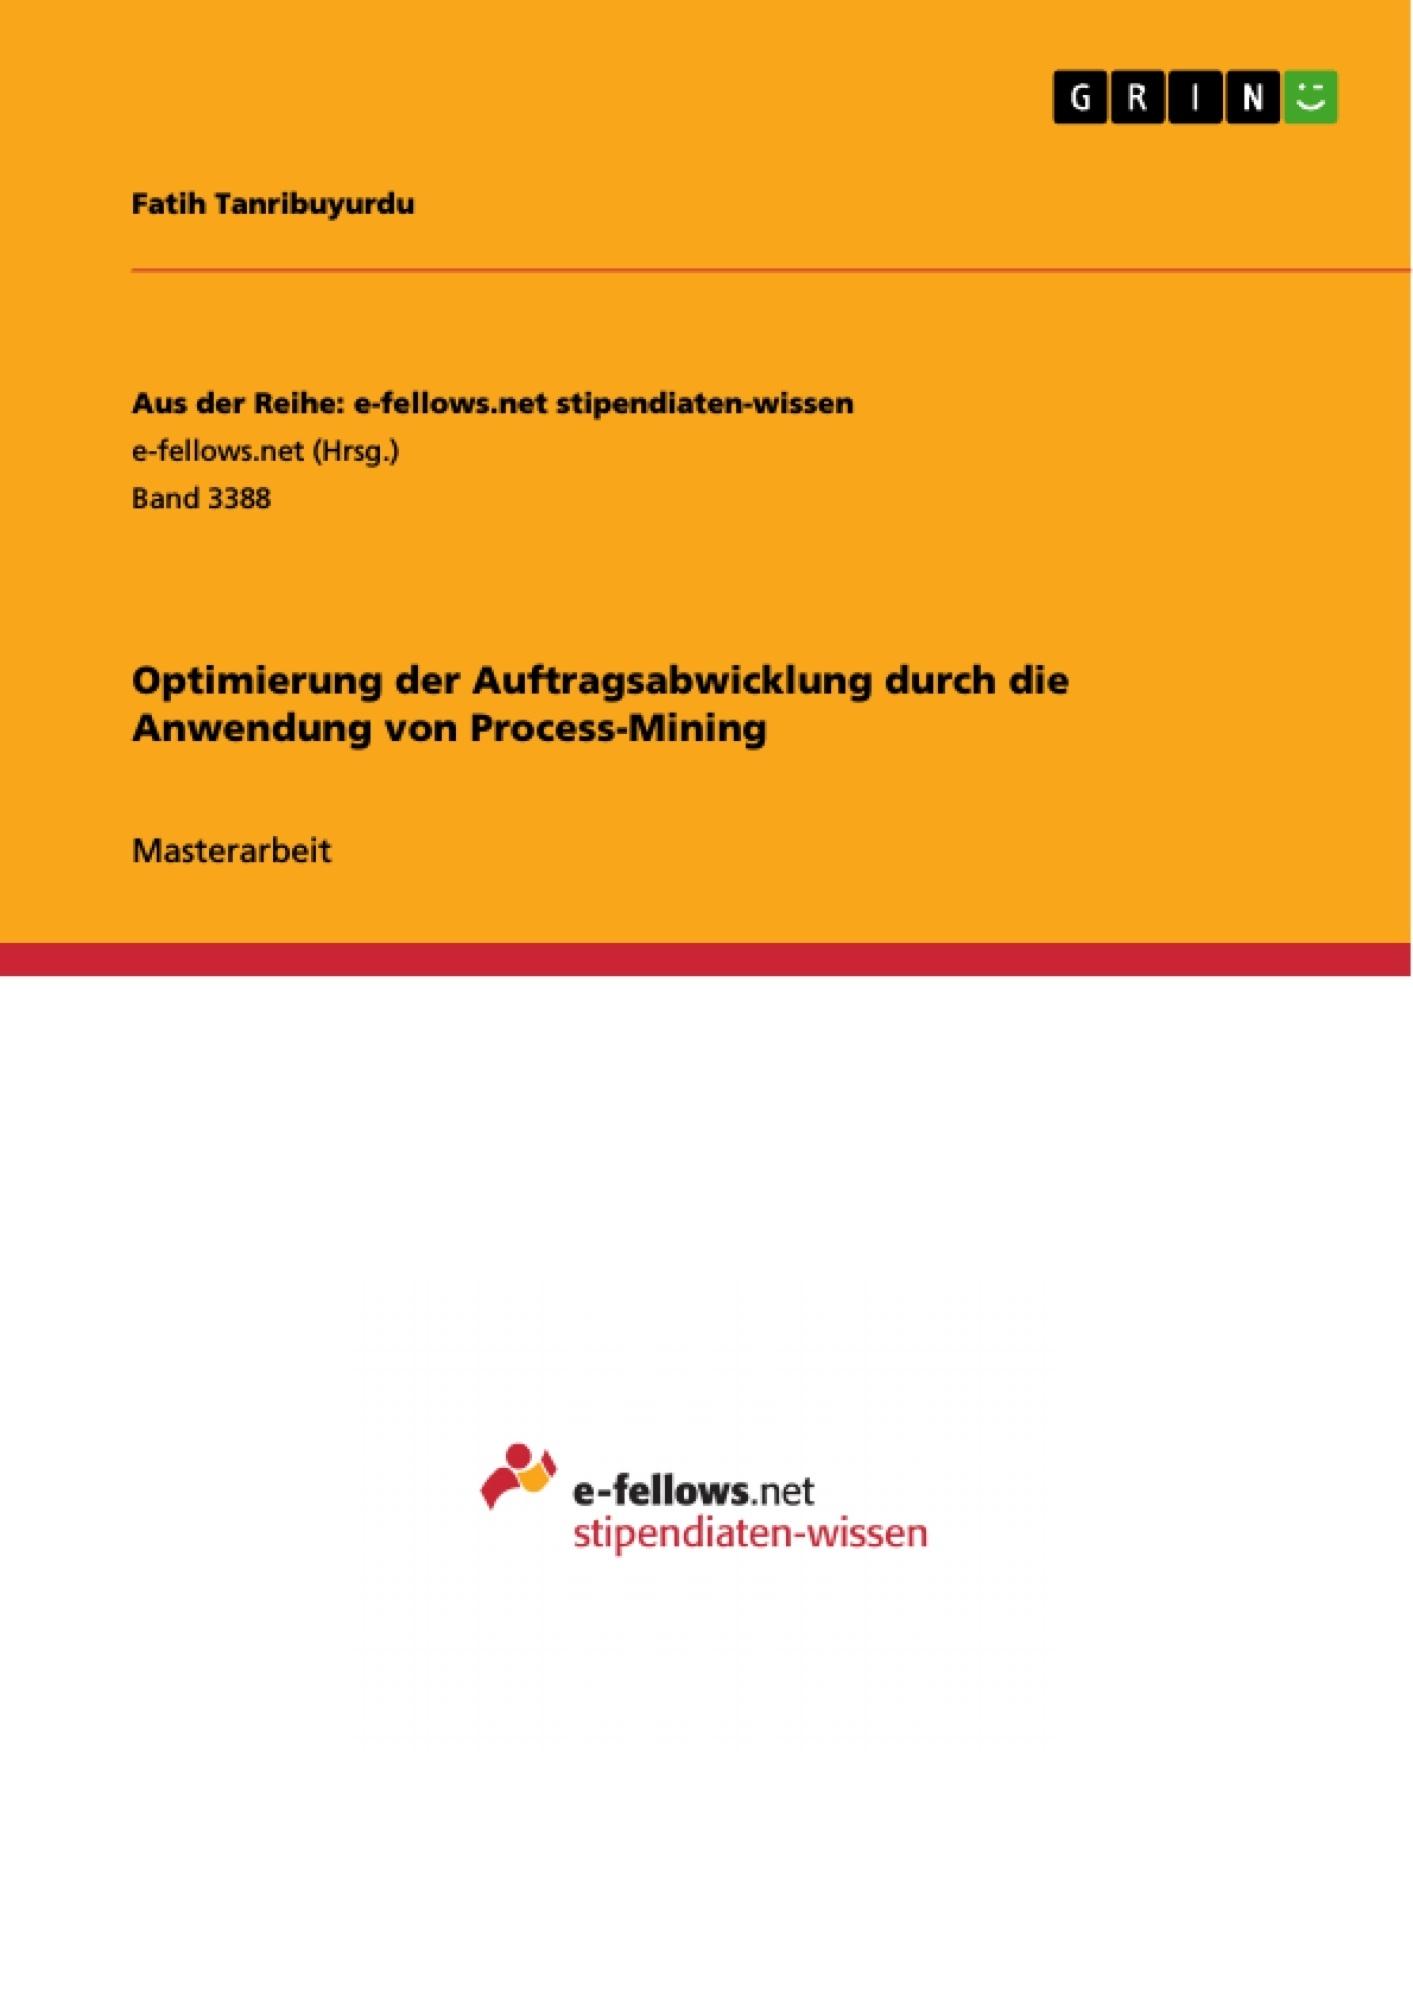 Titel: Optimierung der Auftragsabwicklung durch die Anwendung von Process-Mining